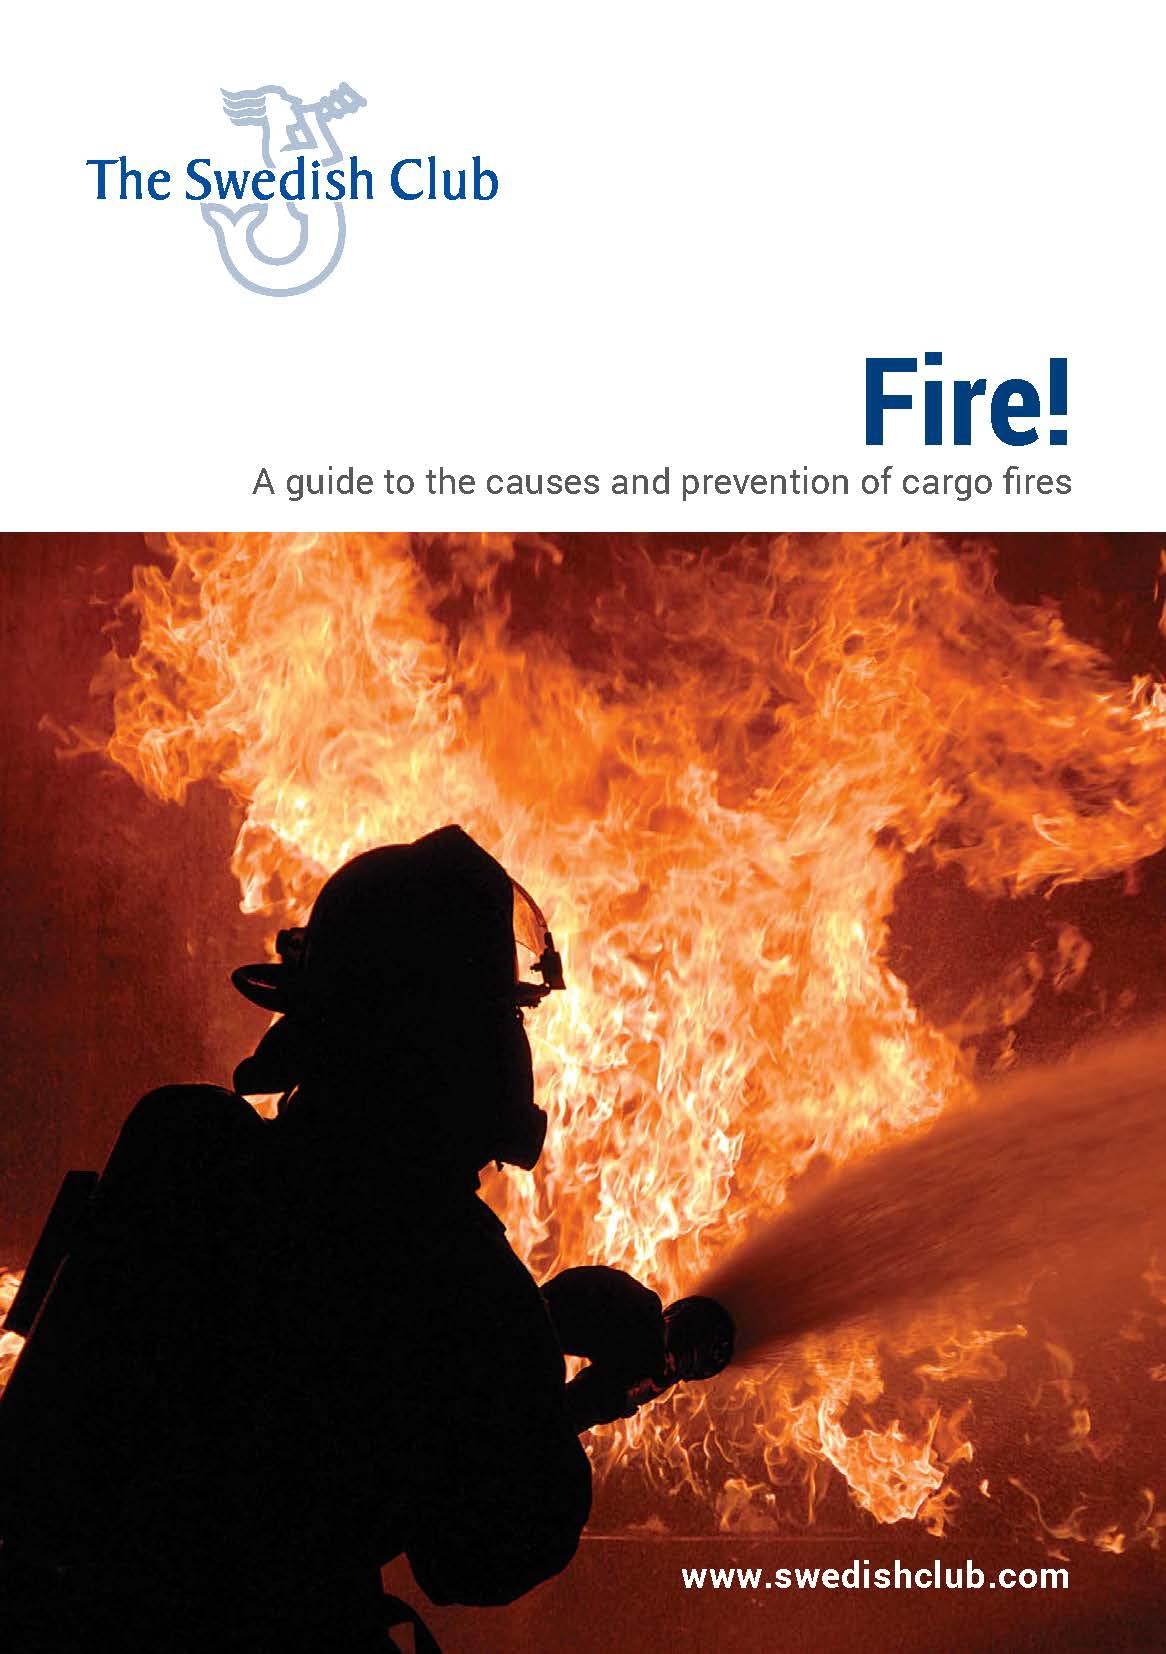 Fire! broschure